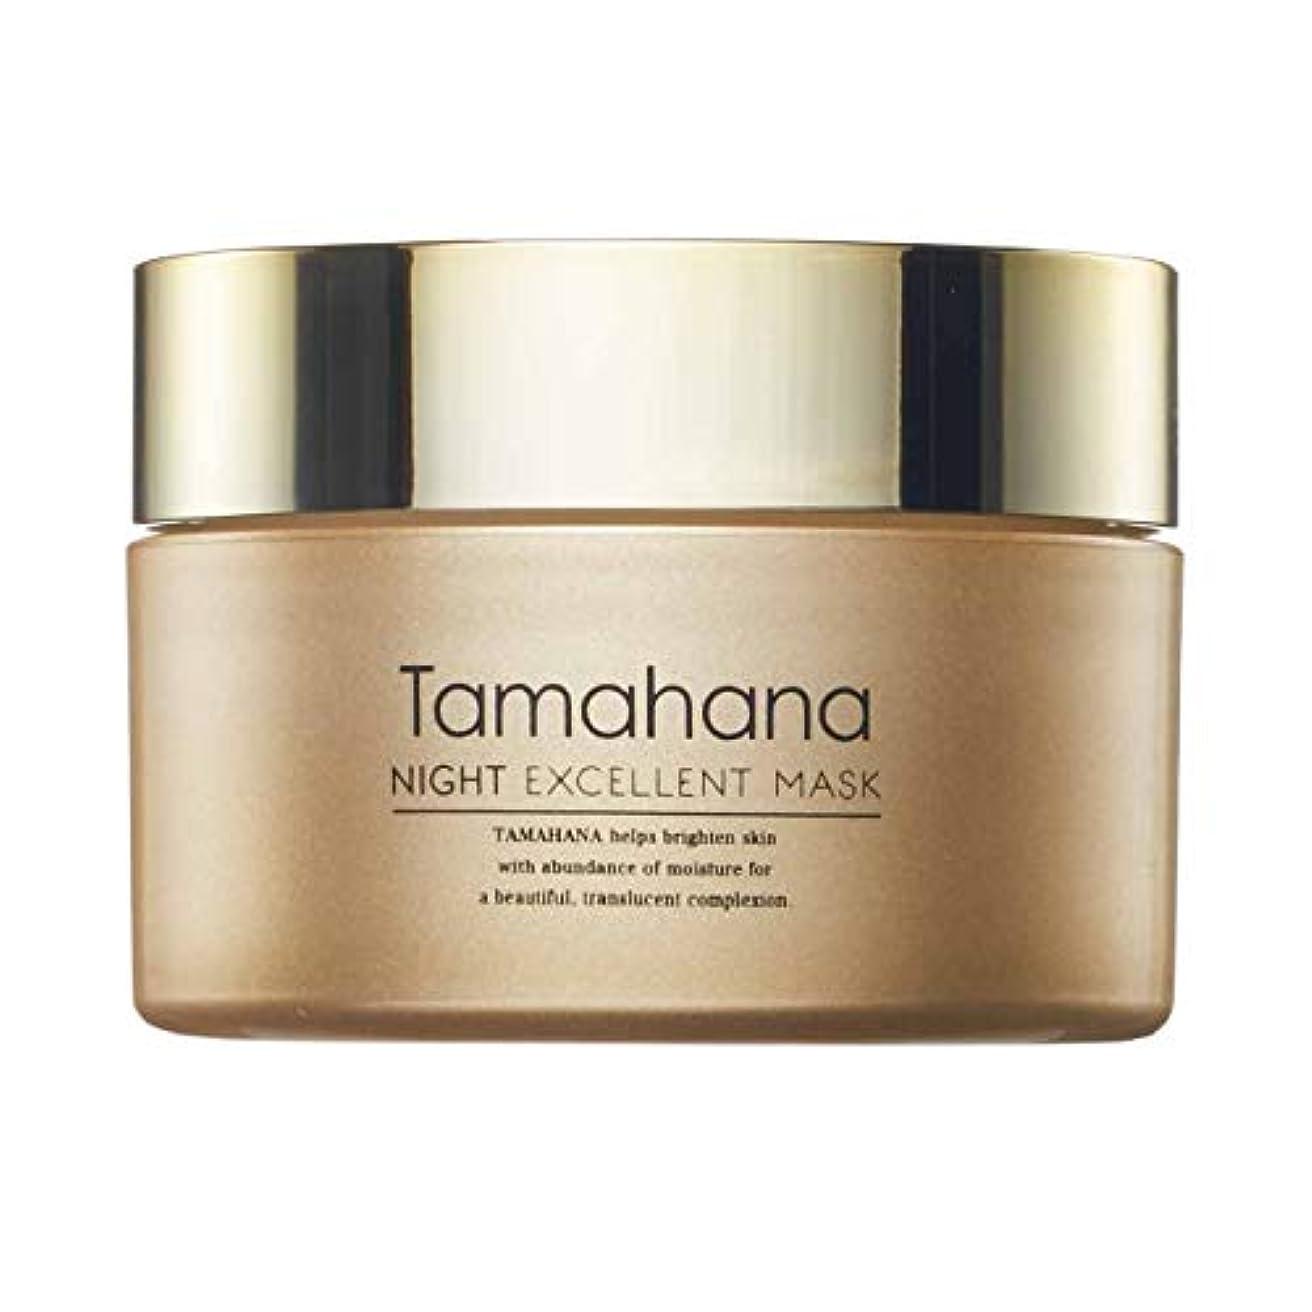 適合する強調する救援Tamahana(タマハナ) ナイト エクセレントマスク